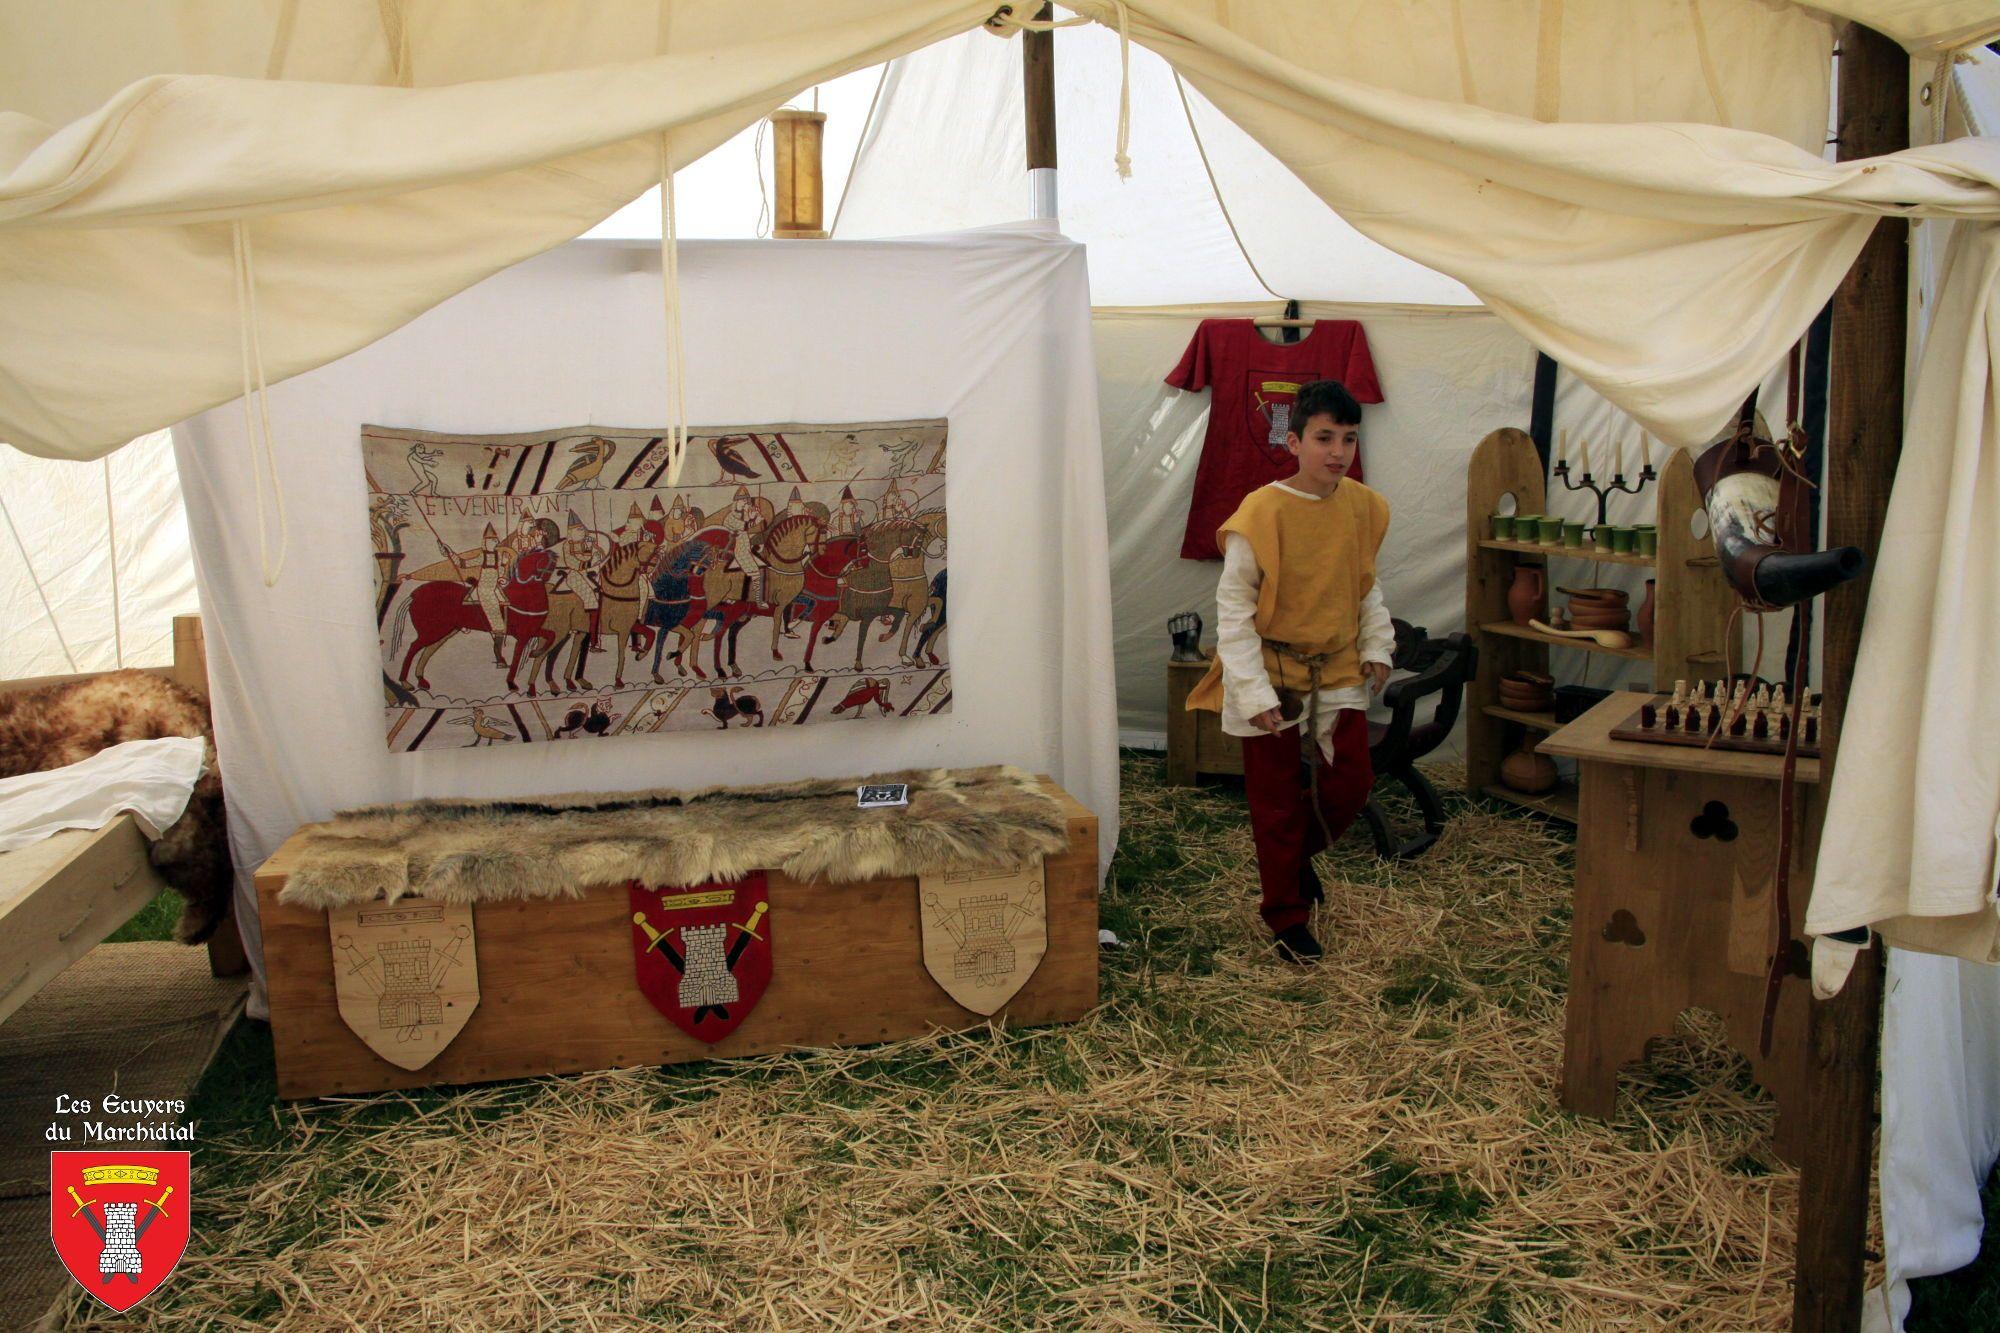 Presta_Campement médiéval_Les Ecuyers du Marchidial